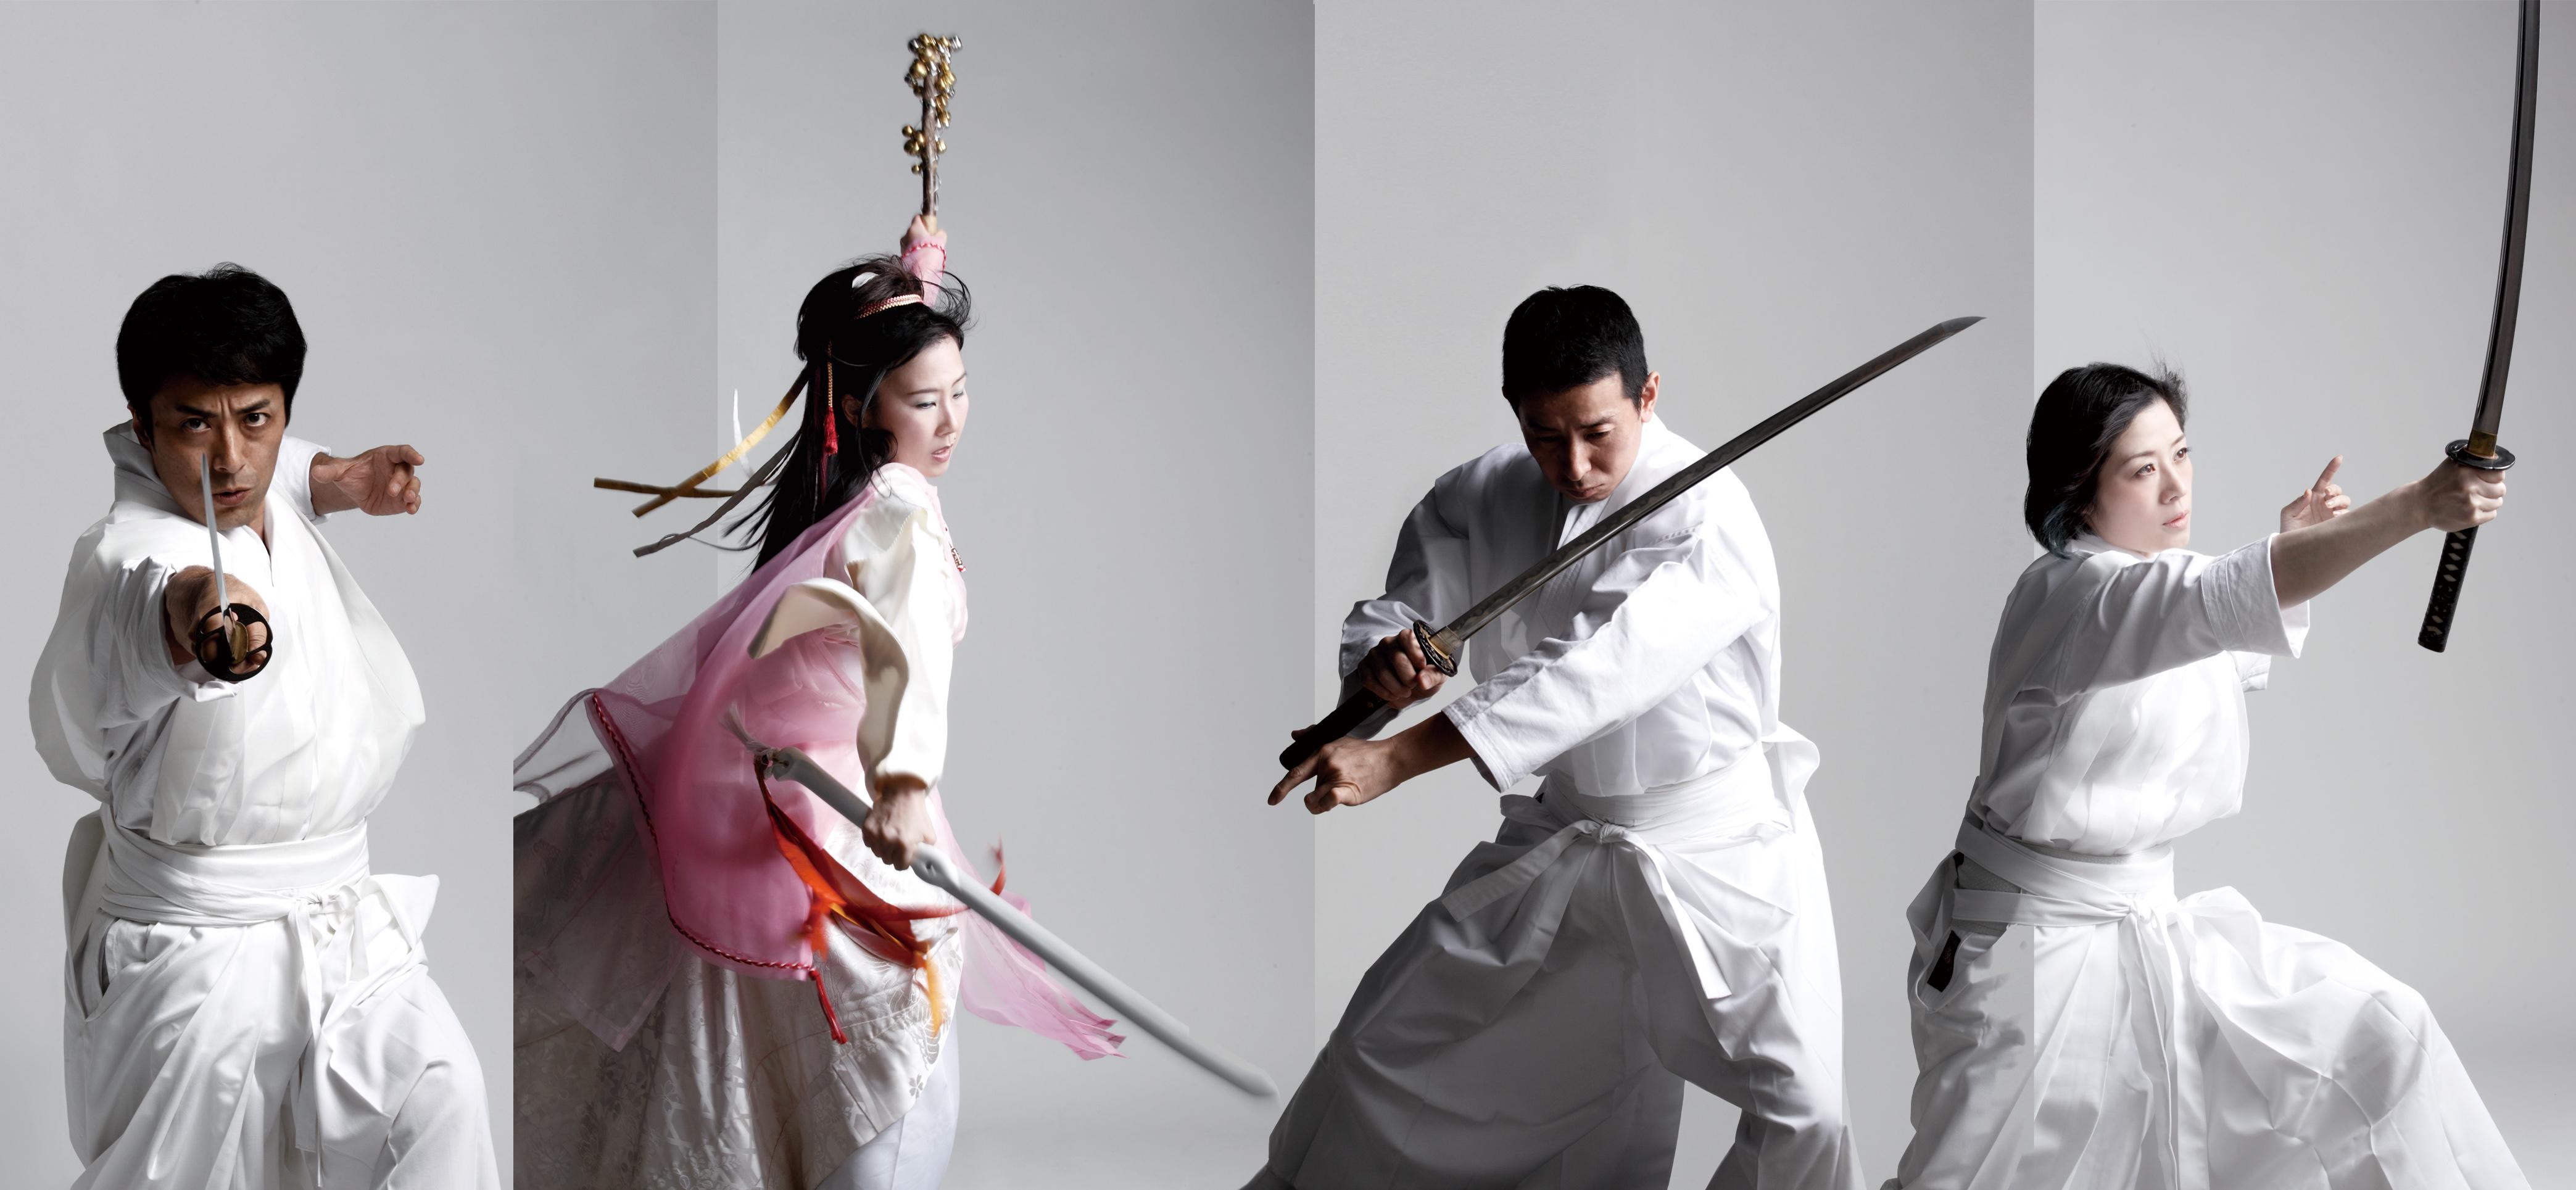 桜月流美剱道 - O-Getsu Ryu | 桜月流美劔道